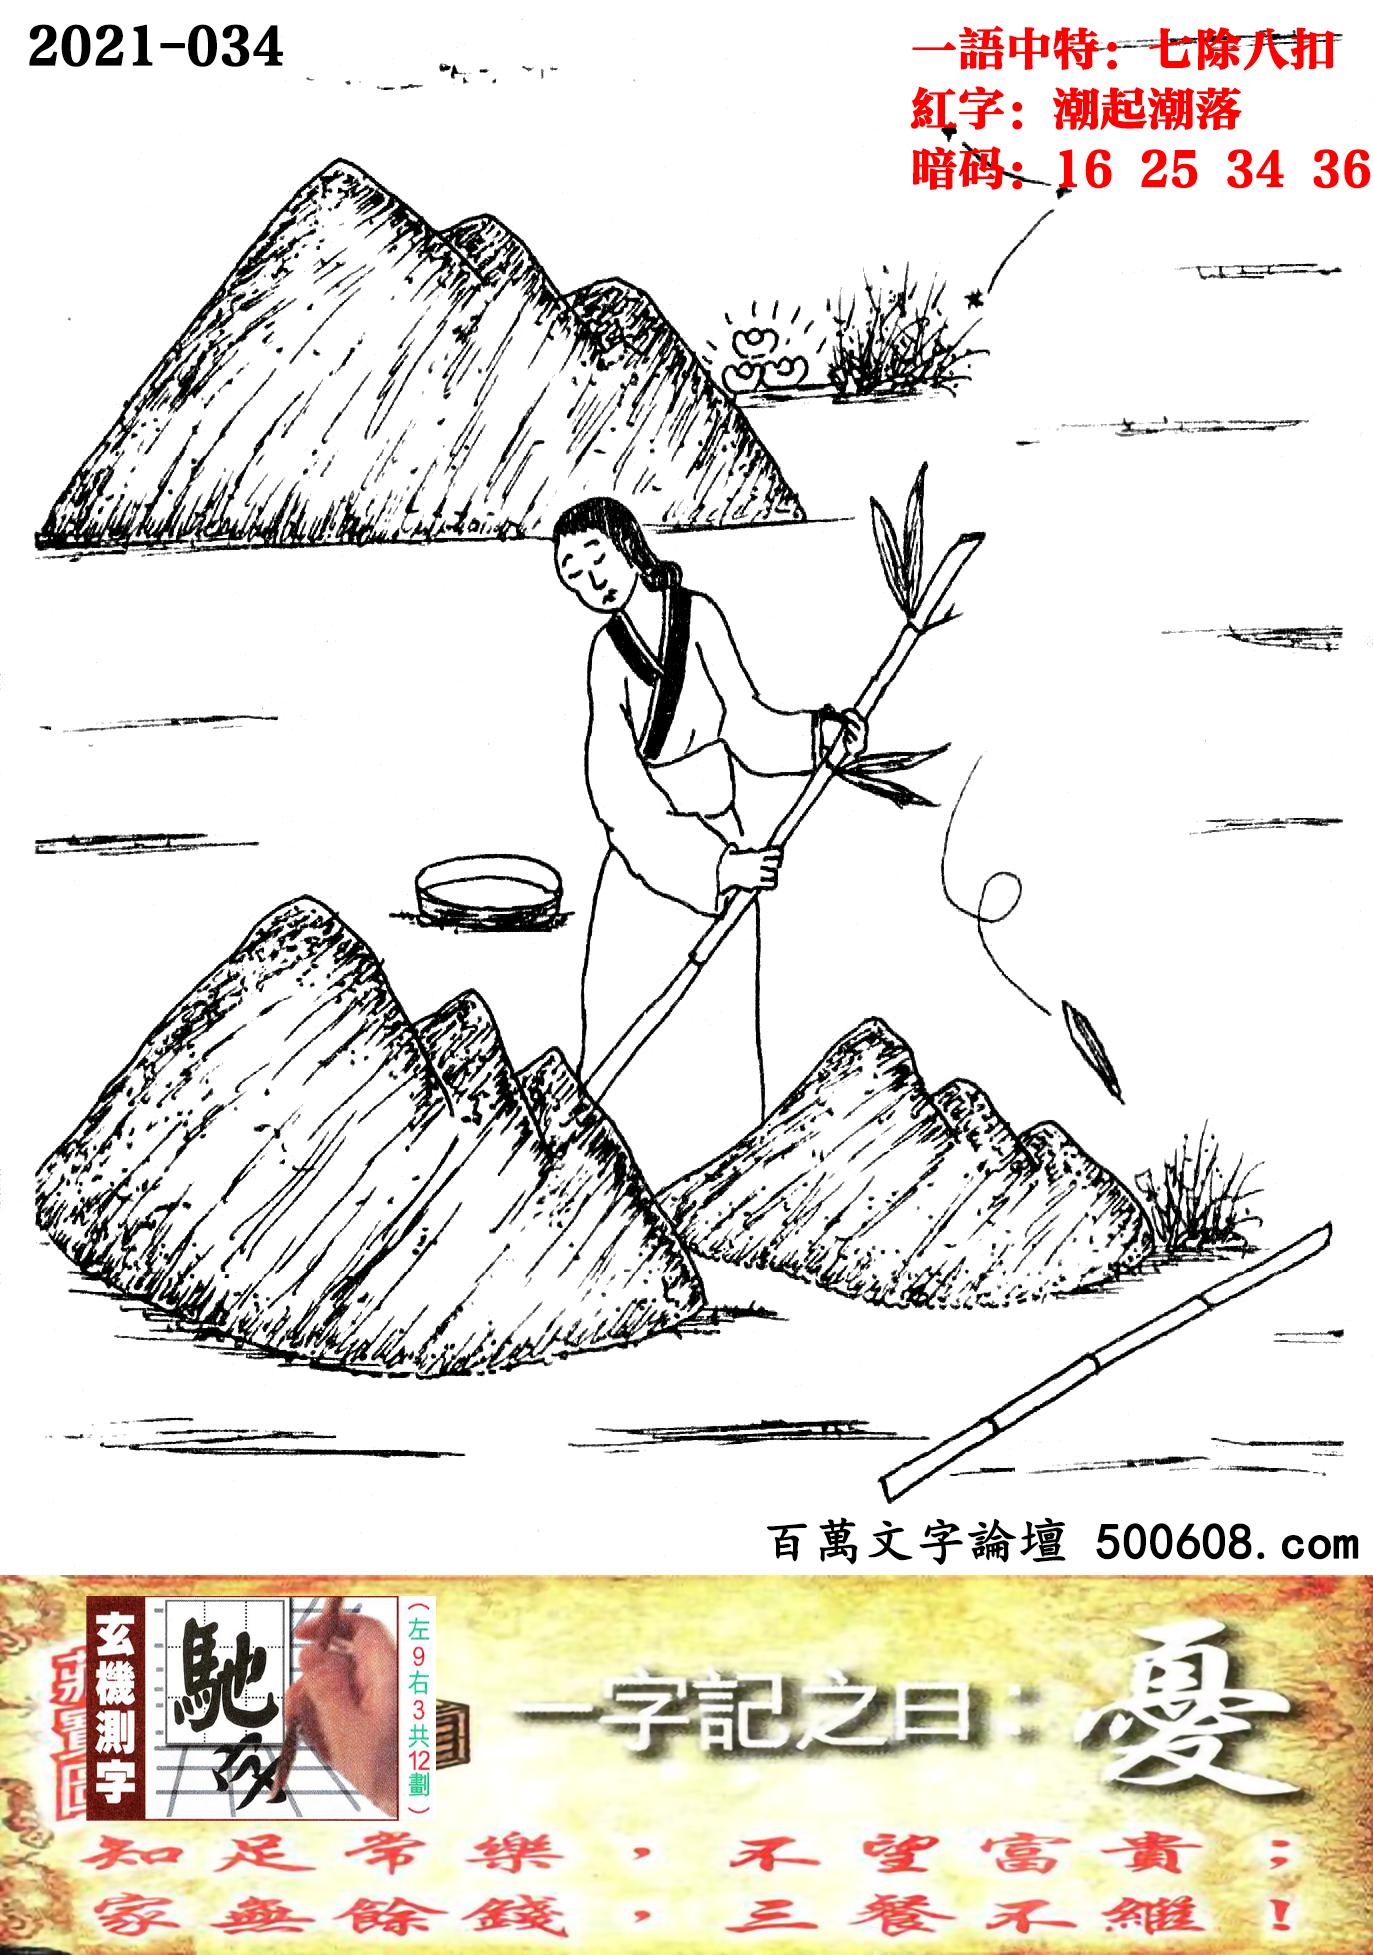 034期跑狗一字�之曰:【�n】_知足常�罚�不望富�F;家�o�N�X,三餐不�^!